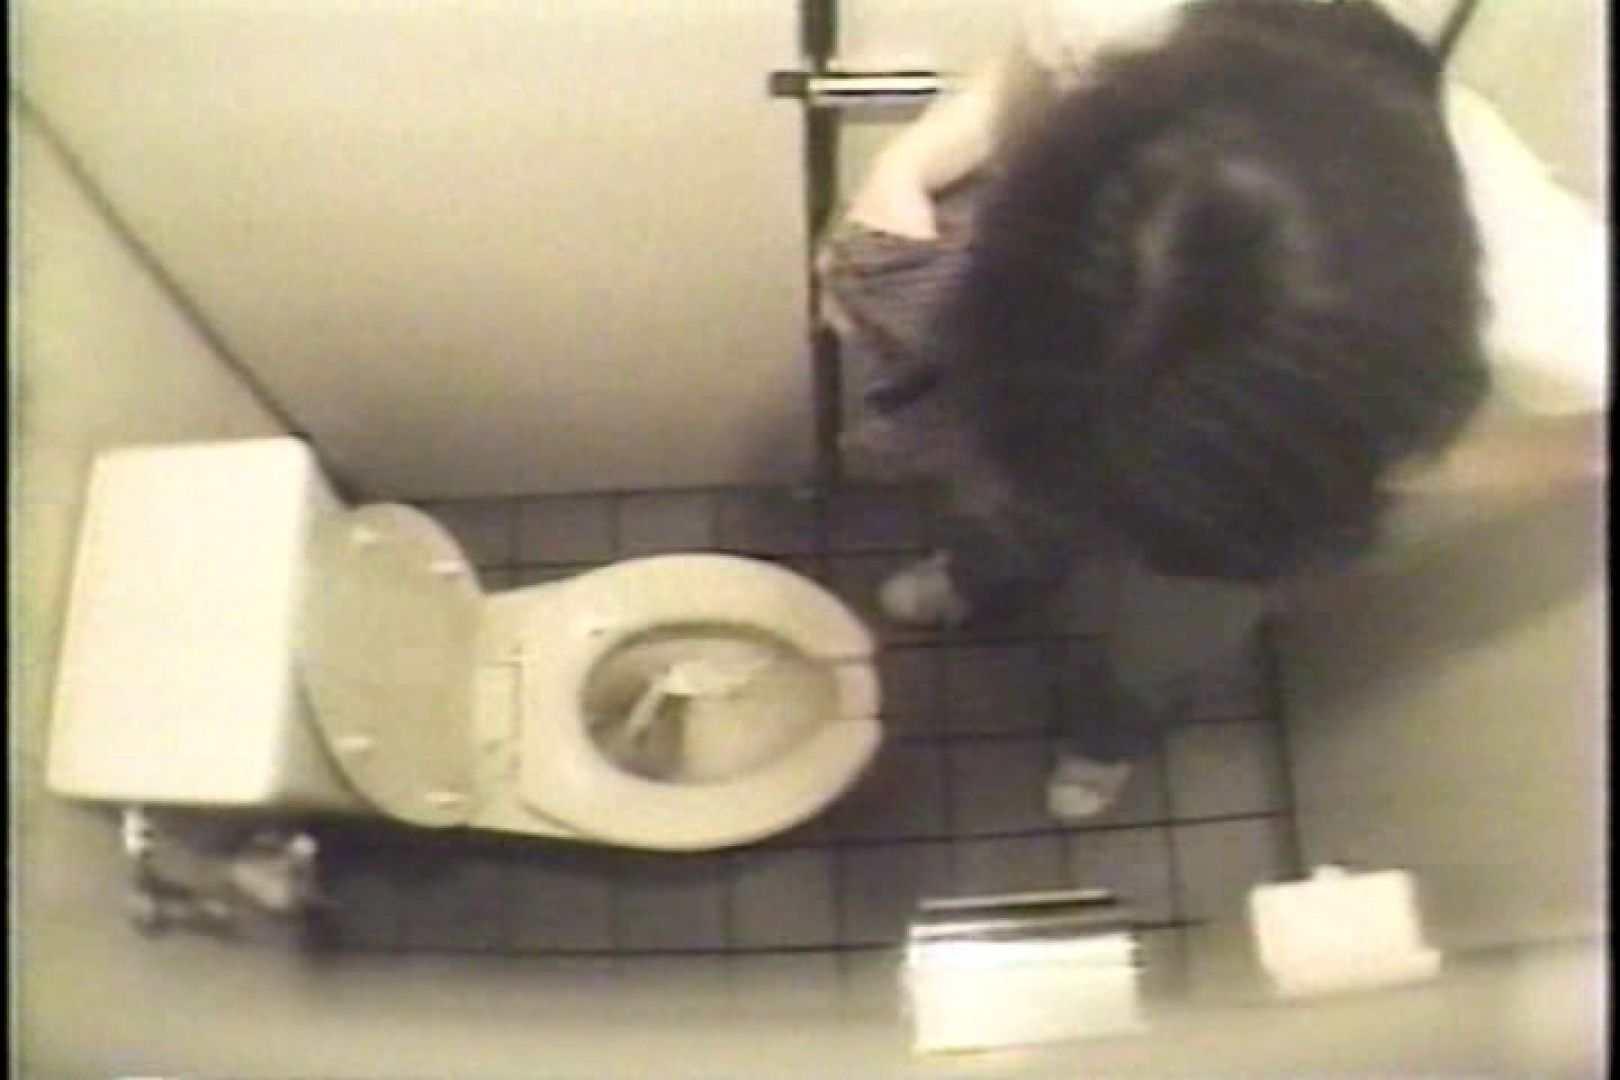 盗撮 女子洗面所3ヶ所入ってしゃがんで音出して 洗面所 オマンコ無修正動画無料 109連発 7